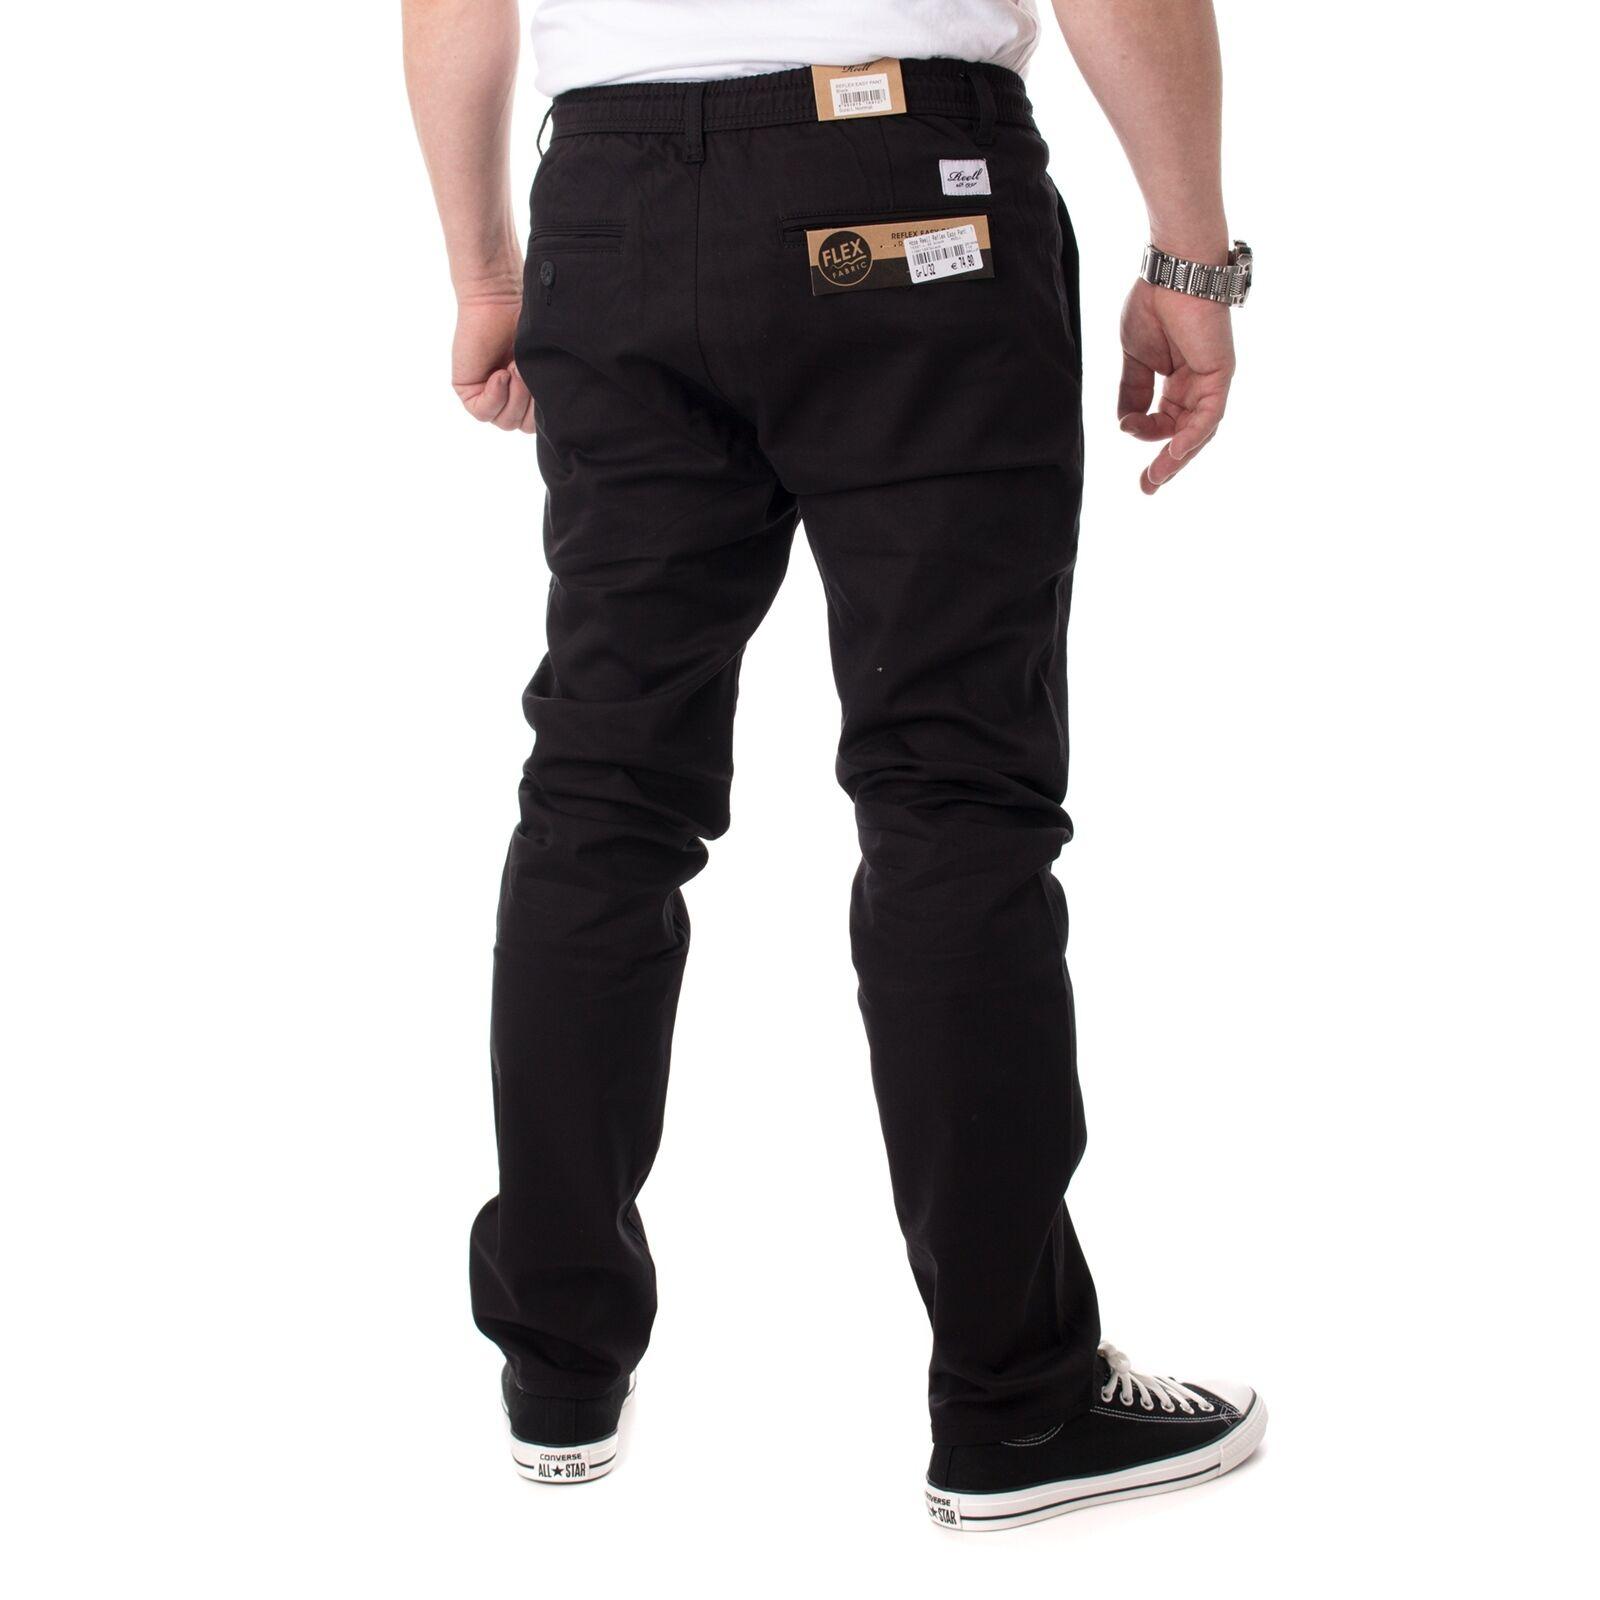 REELL Réflexe facile couleur pantalon de Loisirs pour hommes, couleur facile noire, 15321 948a4b